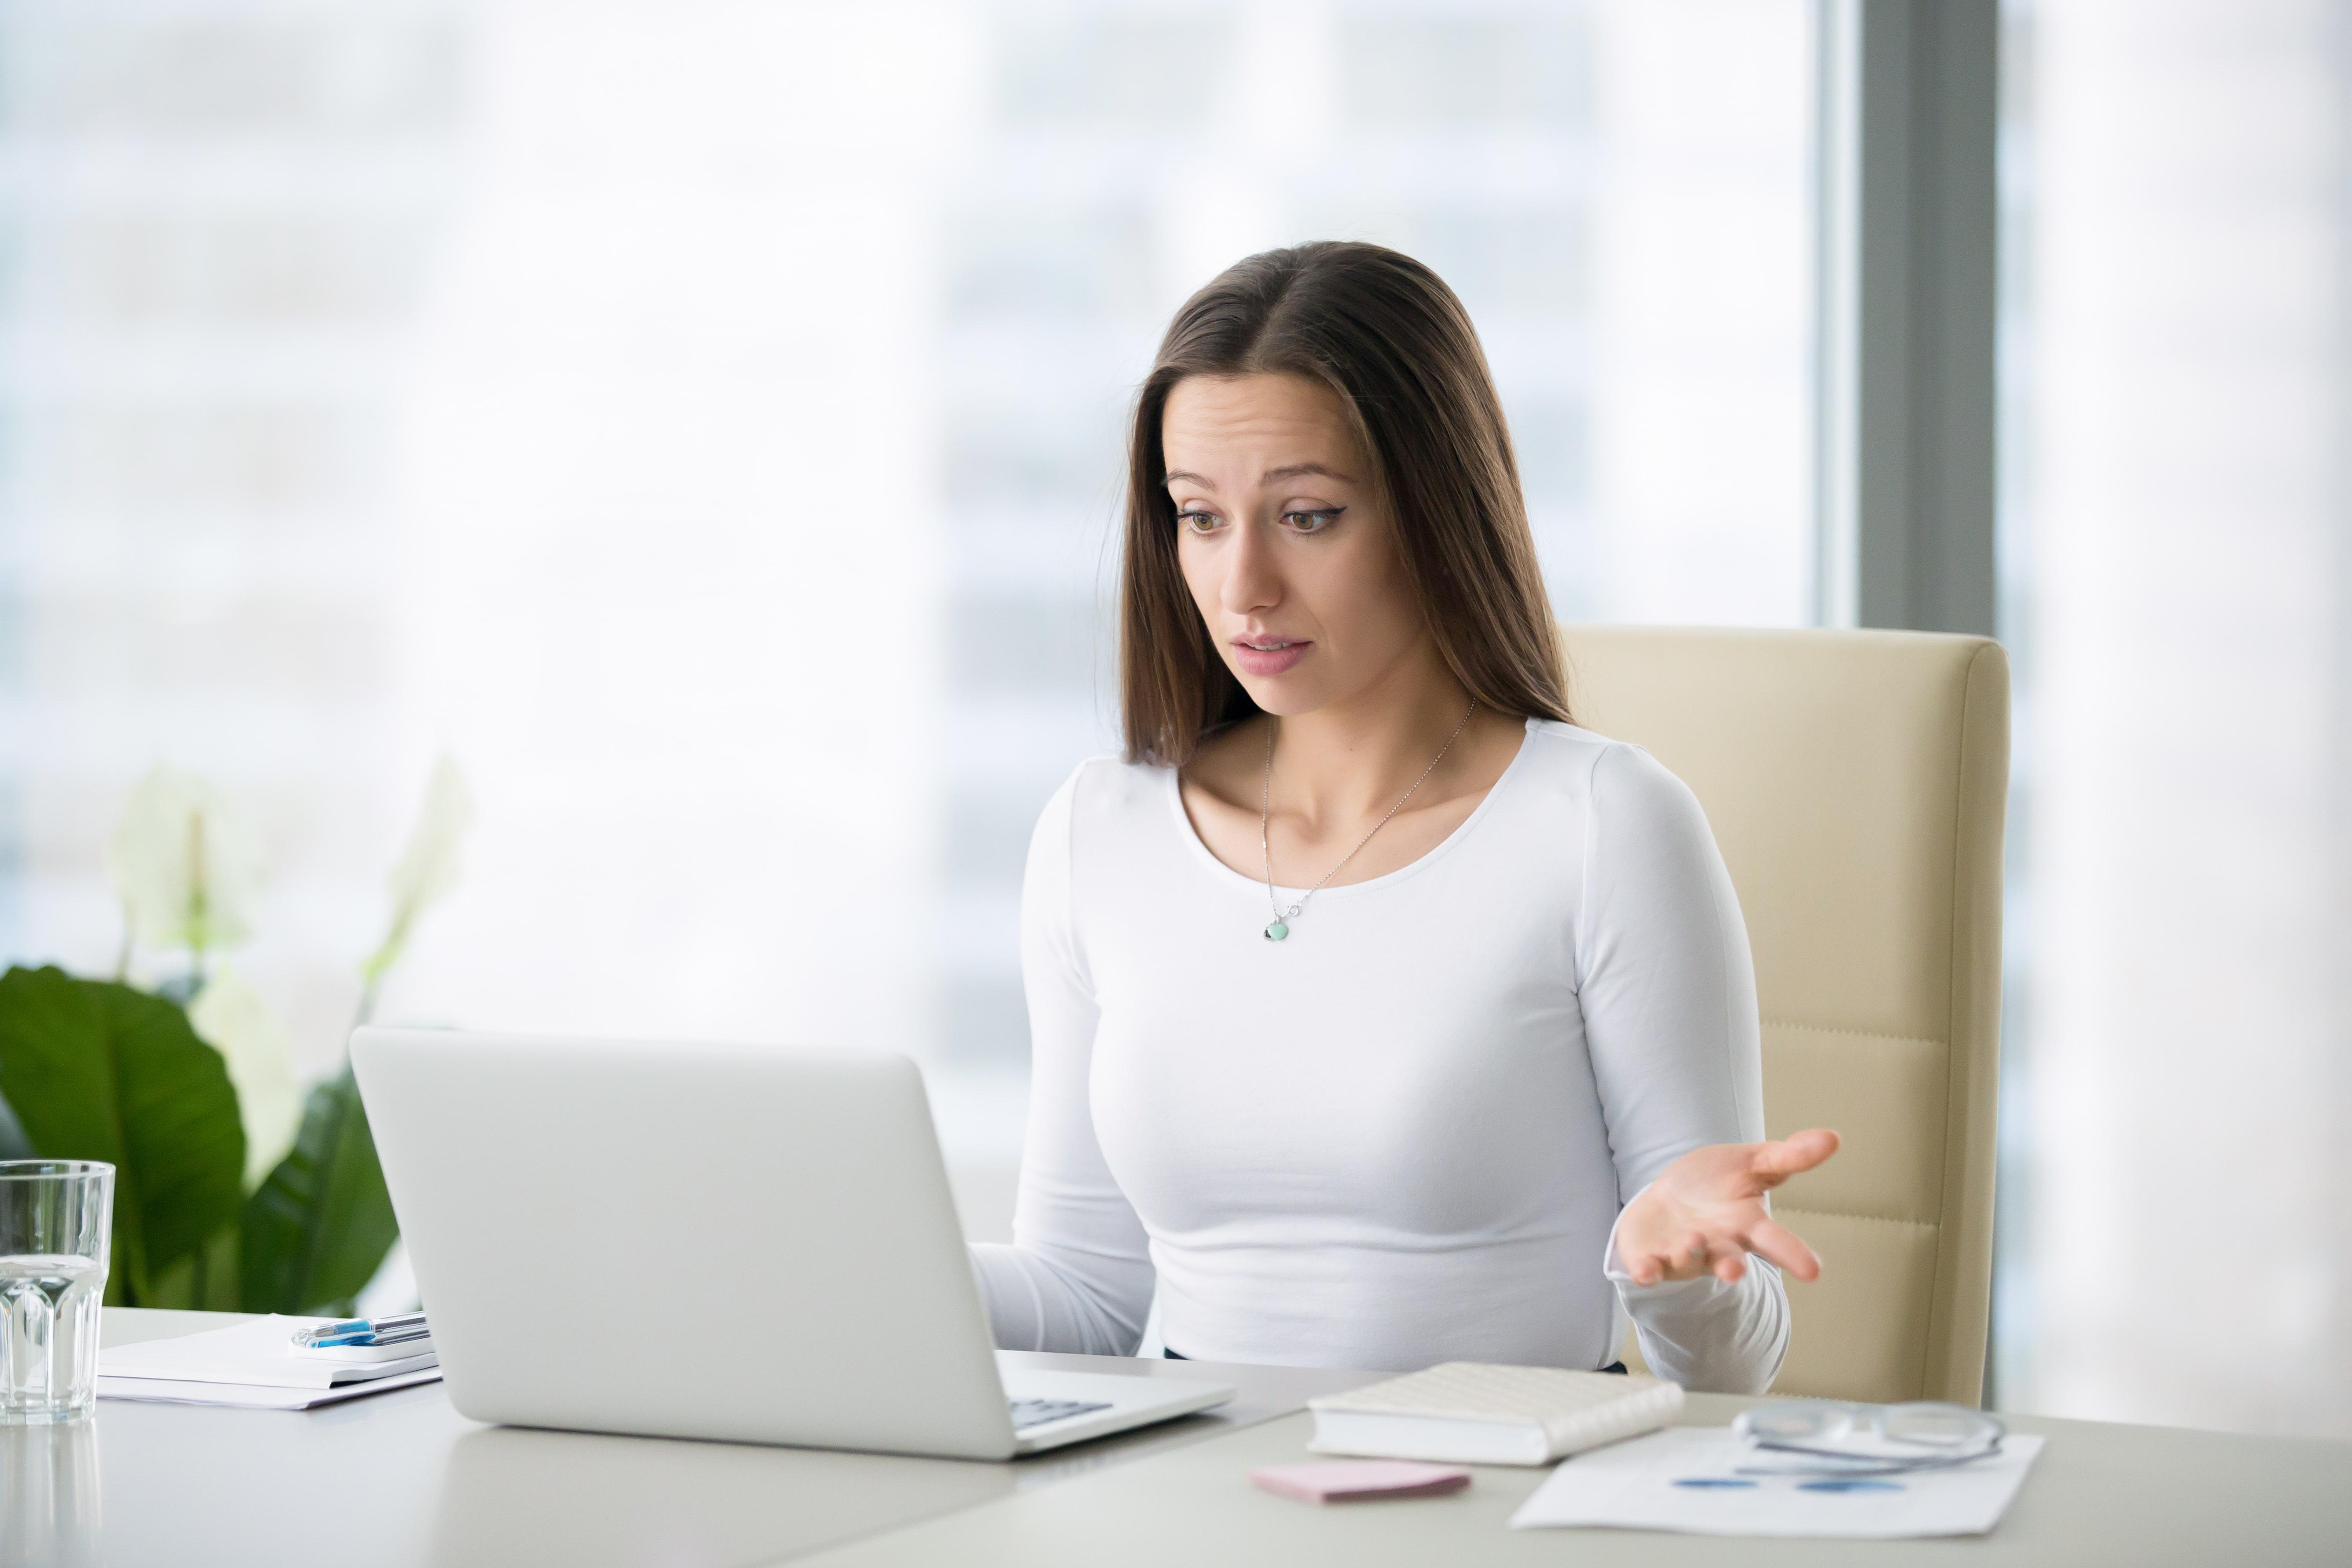 Làm việc tại công ty gia đình nên chuyện lương thưởng mập mờ là bình thường?